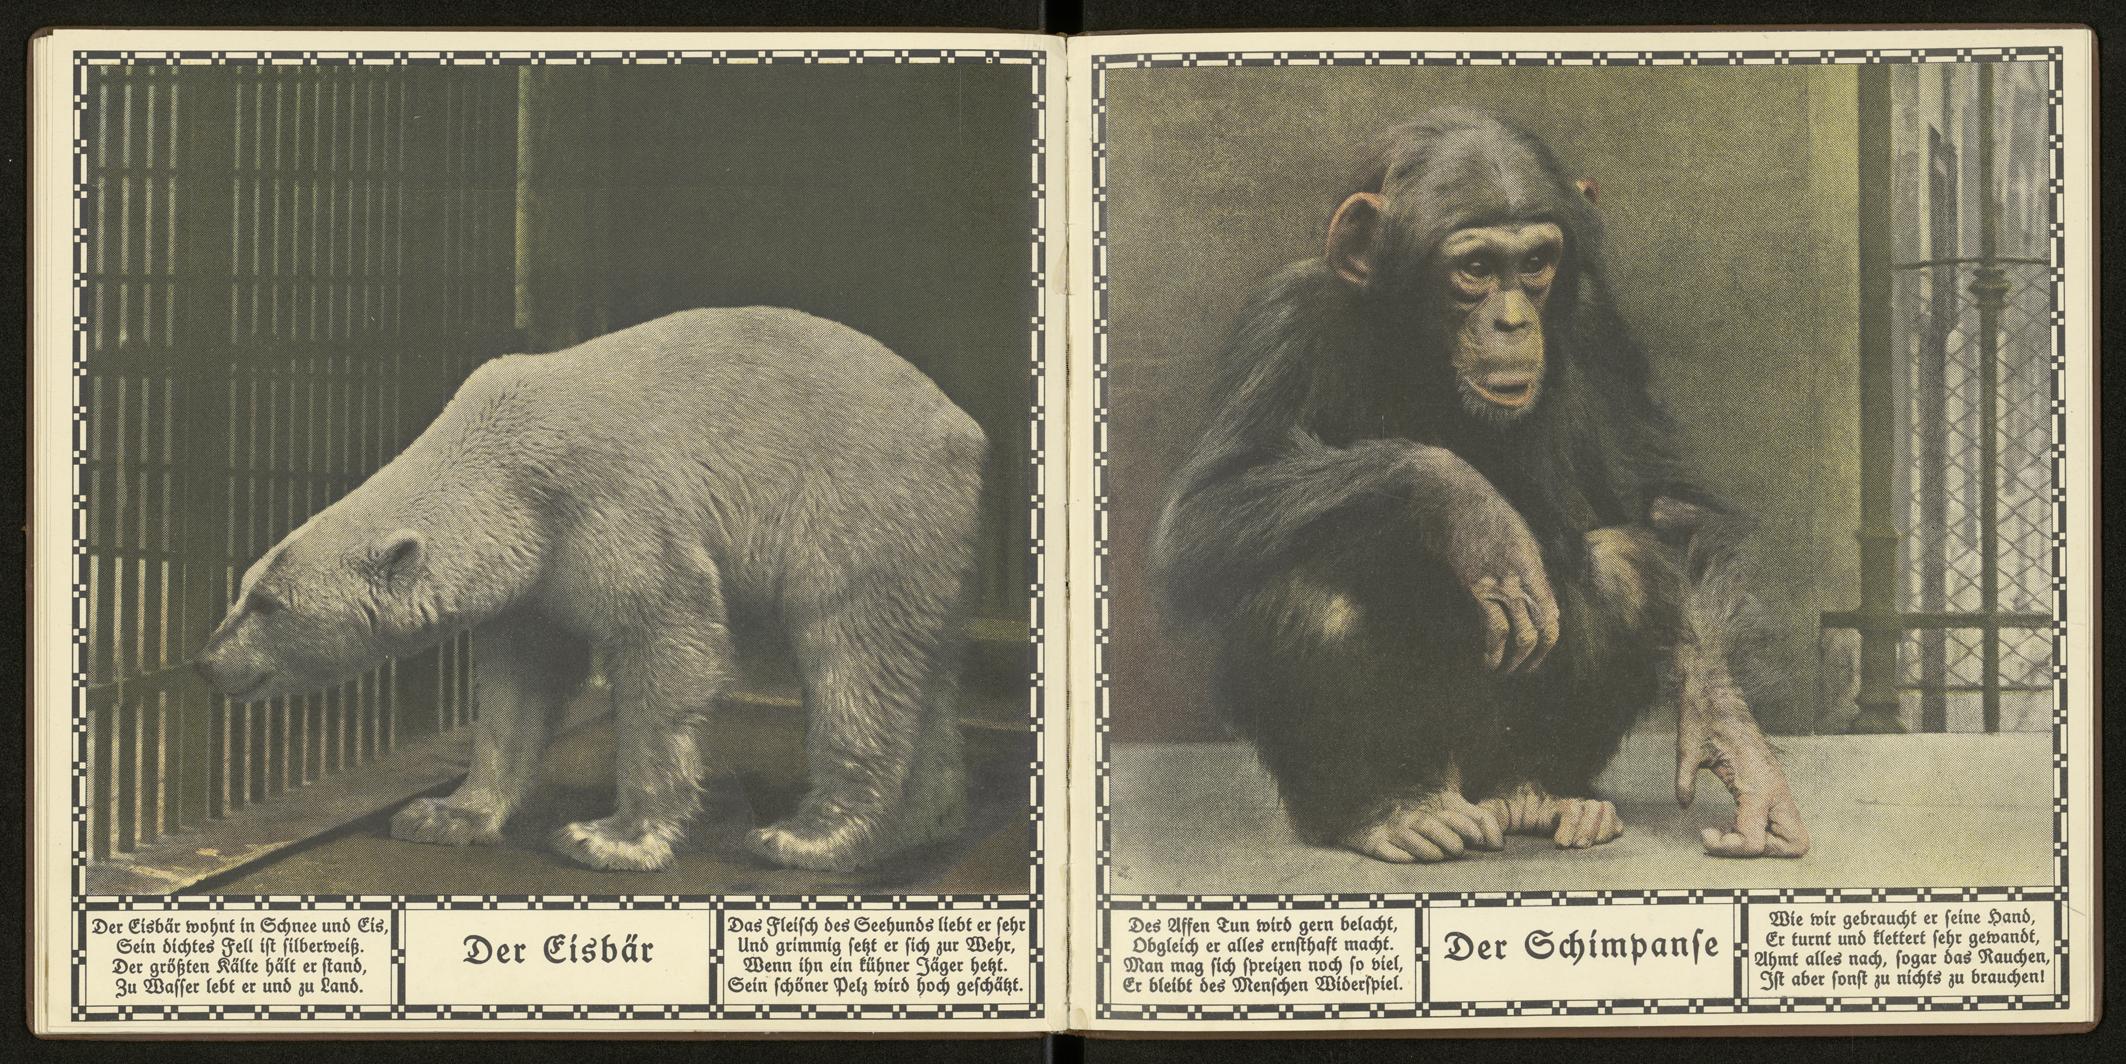 """Österreichische Staatsdruckerei """"Der Eisbär"""" und """"Der Schimpanse"""", Aus: Die neue Arche. Dreißig Tierbilder nach photographischen Naturaufnahmen, Wien: Österreichische Staatsdruckerei [1923]"""